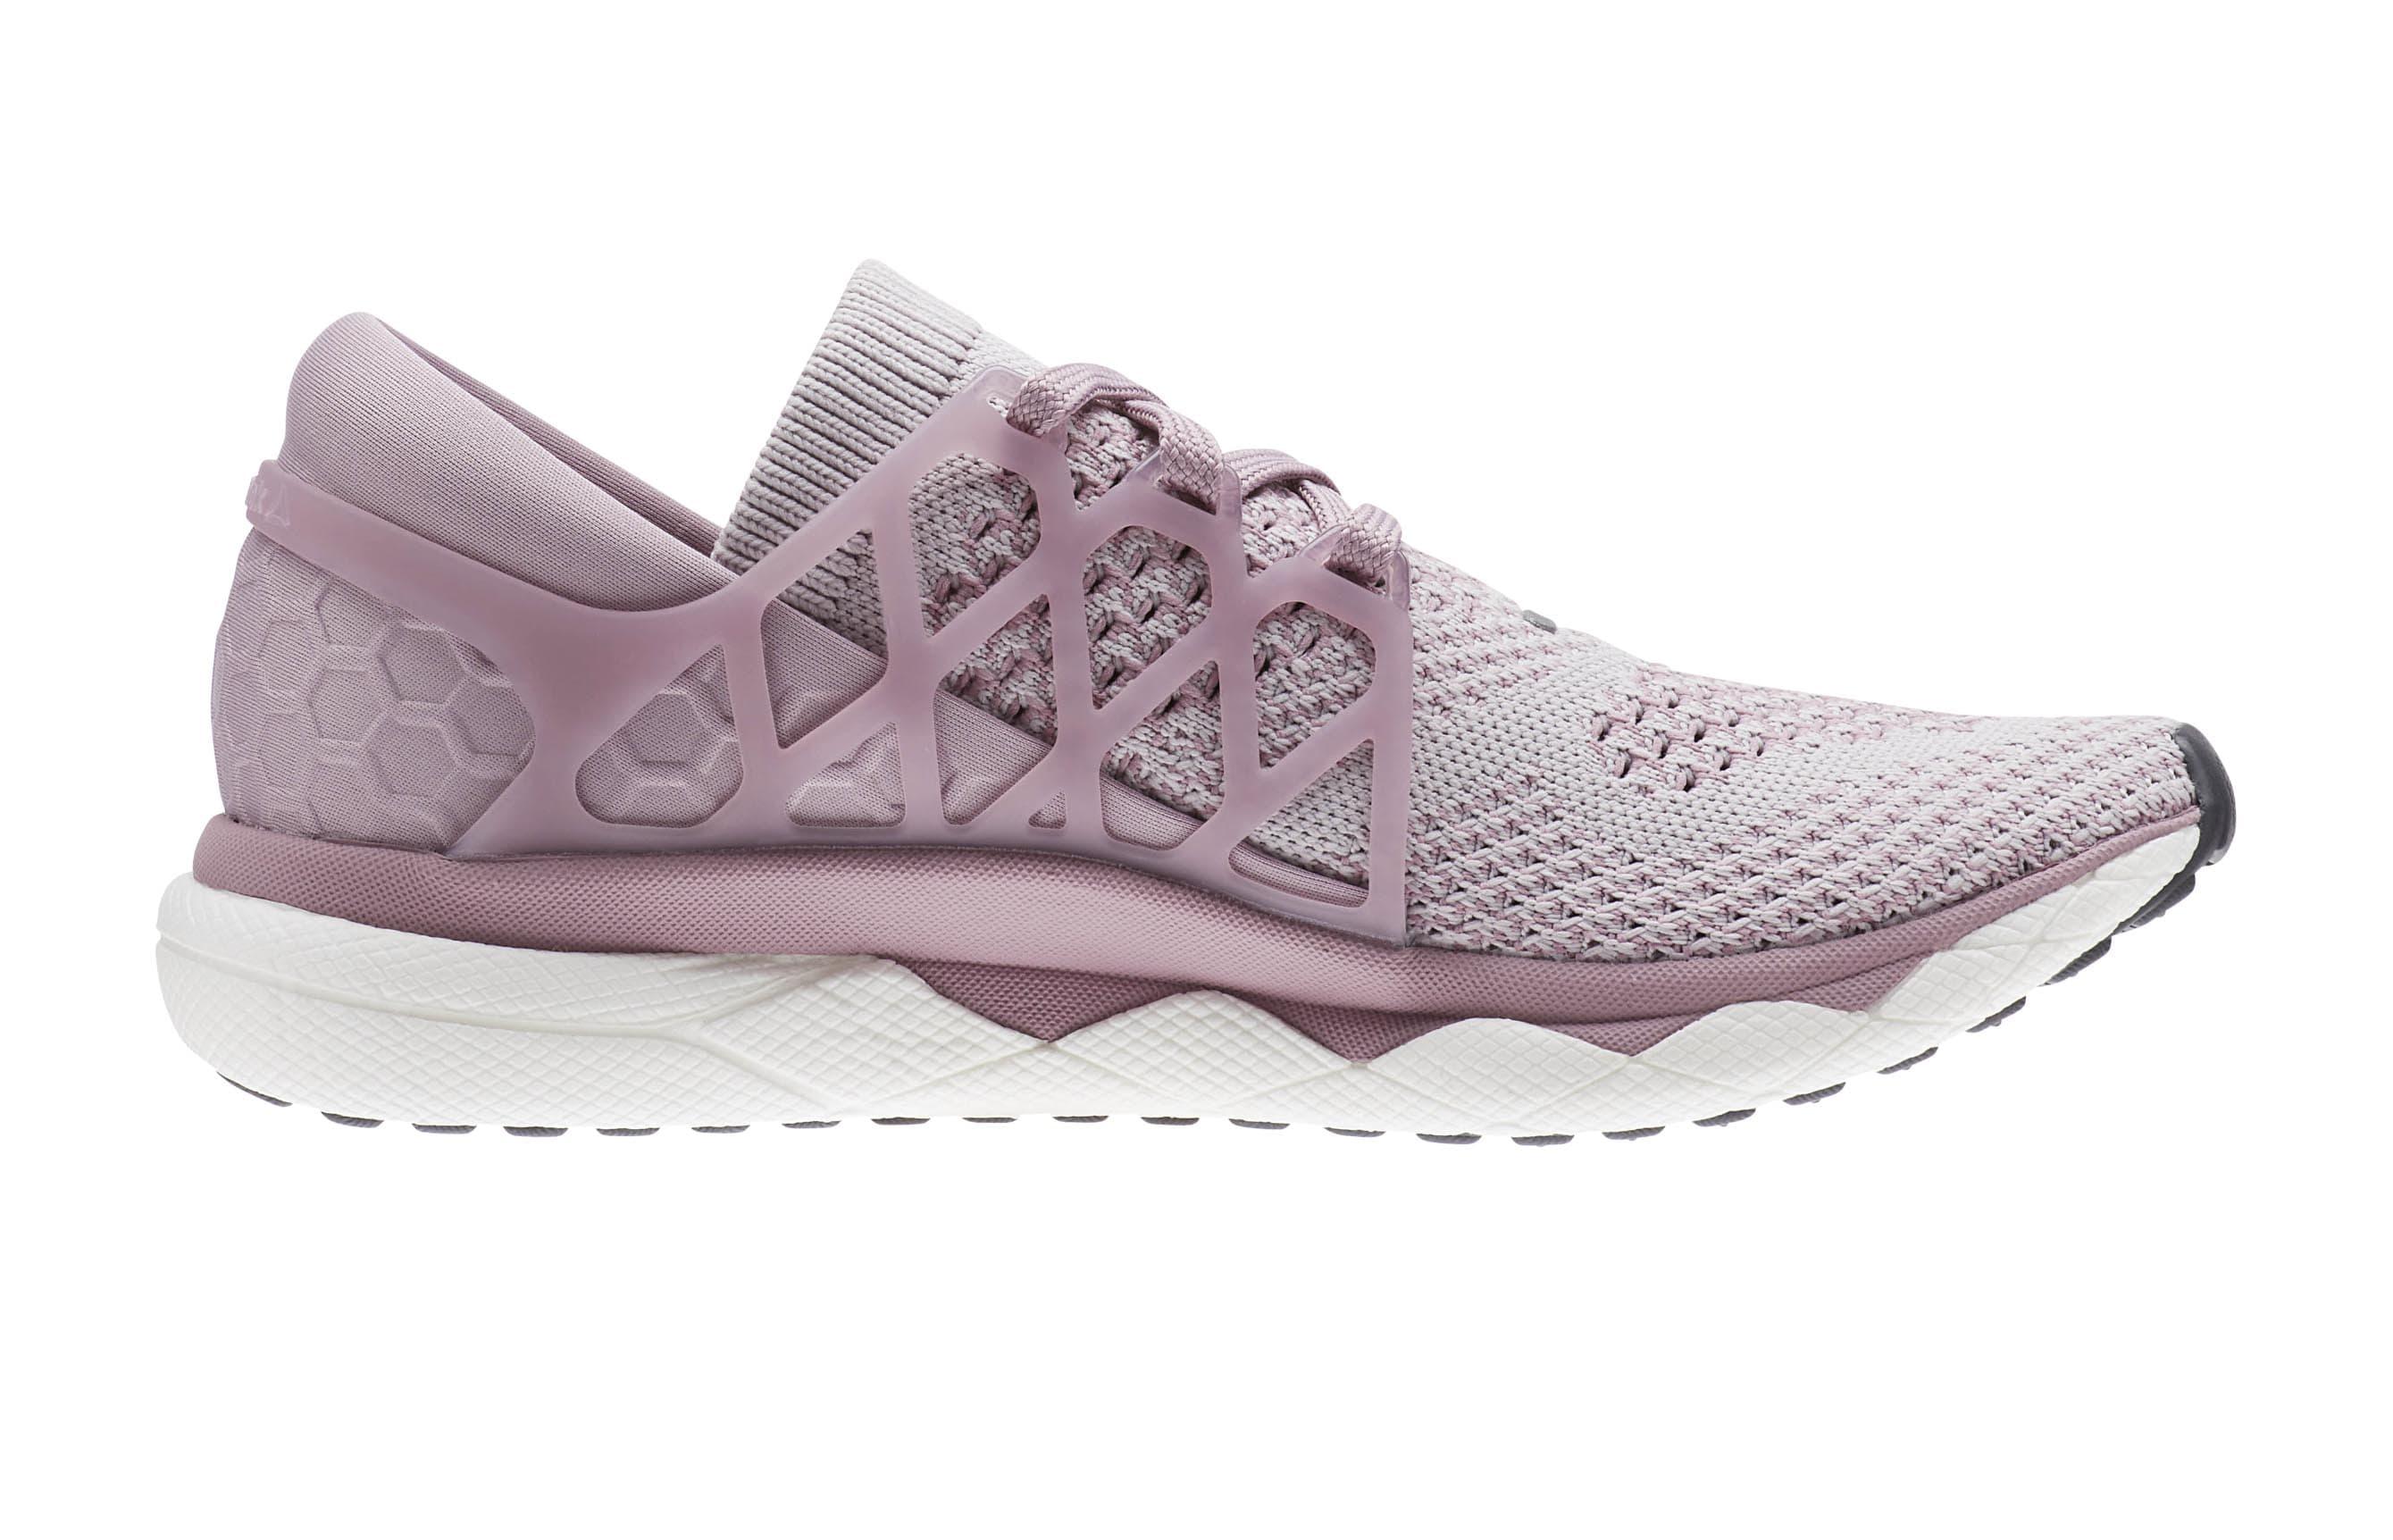 new reebok shoes women